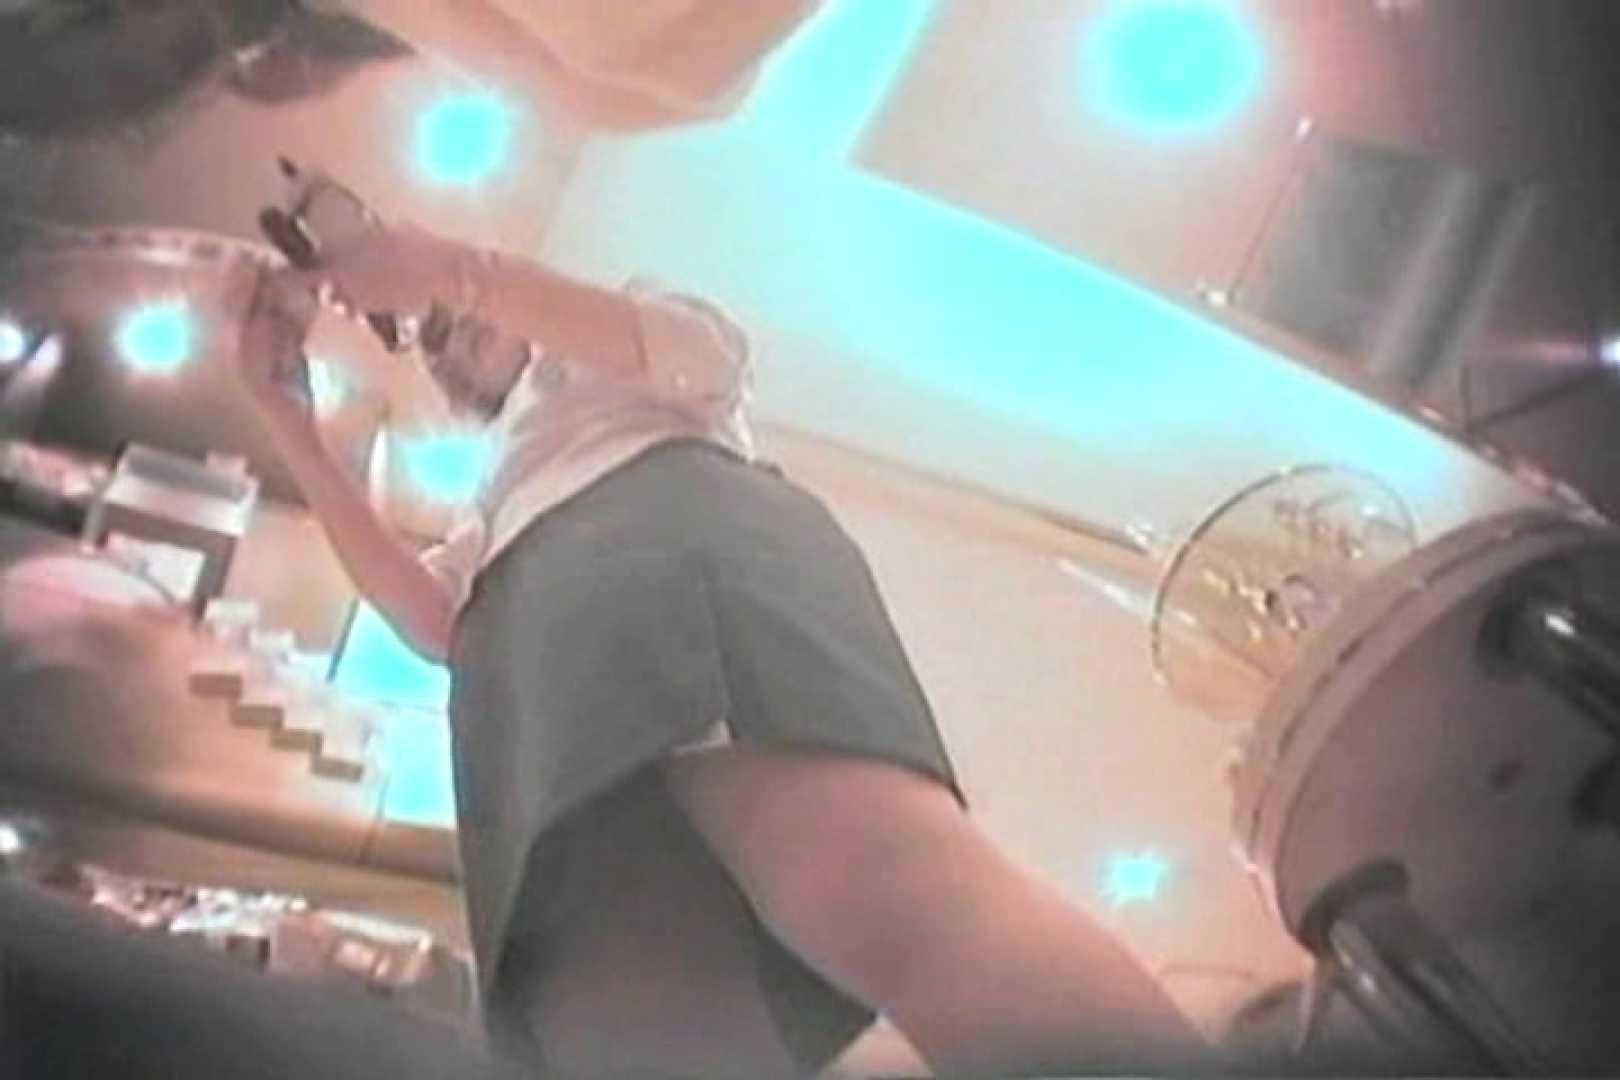 デパートローアングル徘徊 靴カメ盗撮Vol.2 魅力 おめこ無修正動画無料 110pic 93